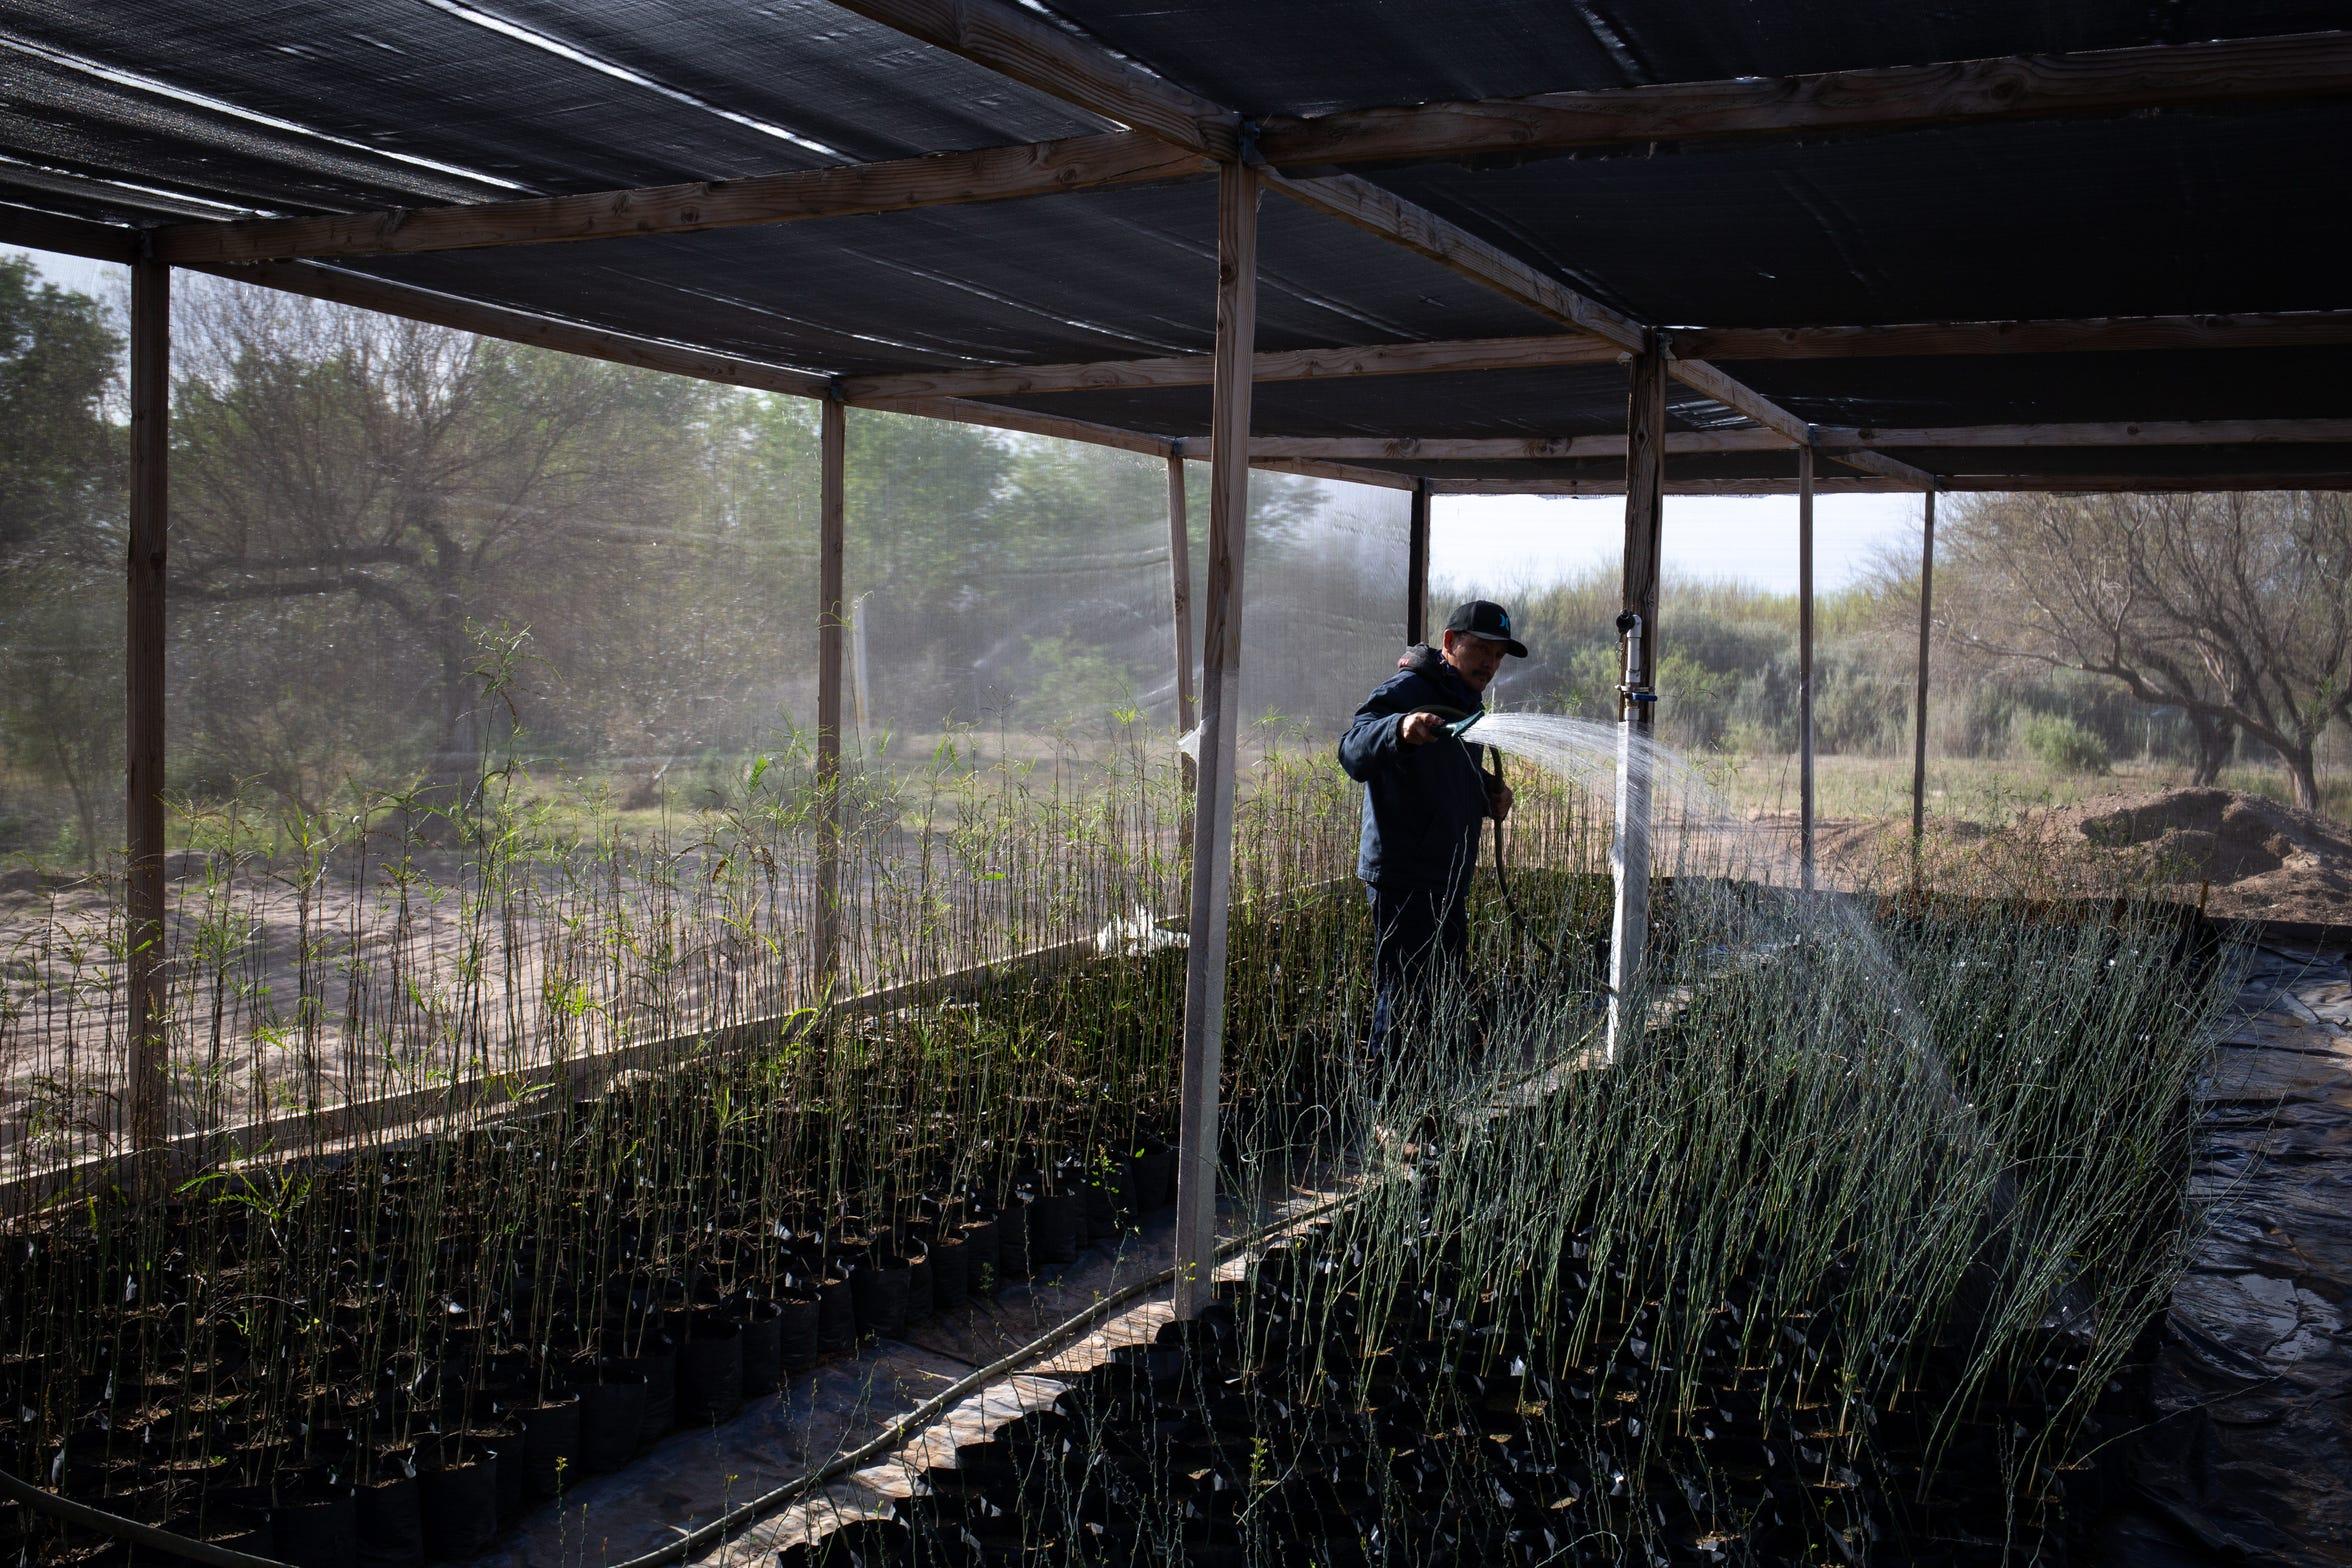 Henry Alaniz riega plantas en el vivero en el área de restauración de la Colonia Miguel Alemán en Baja California, México.